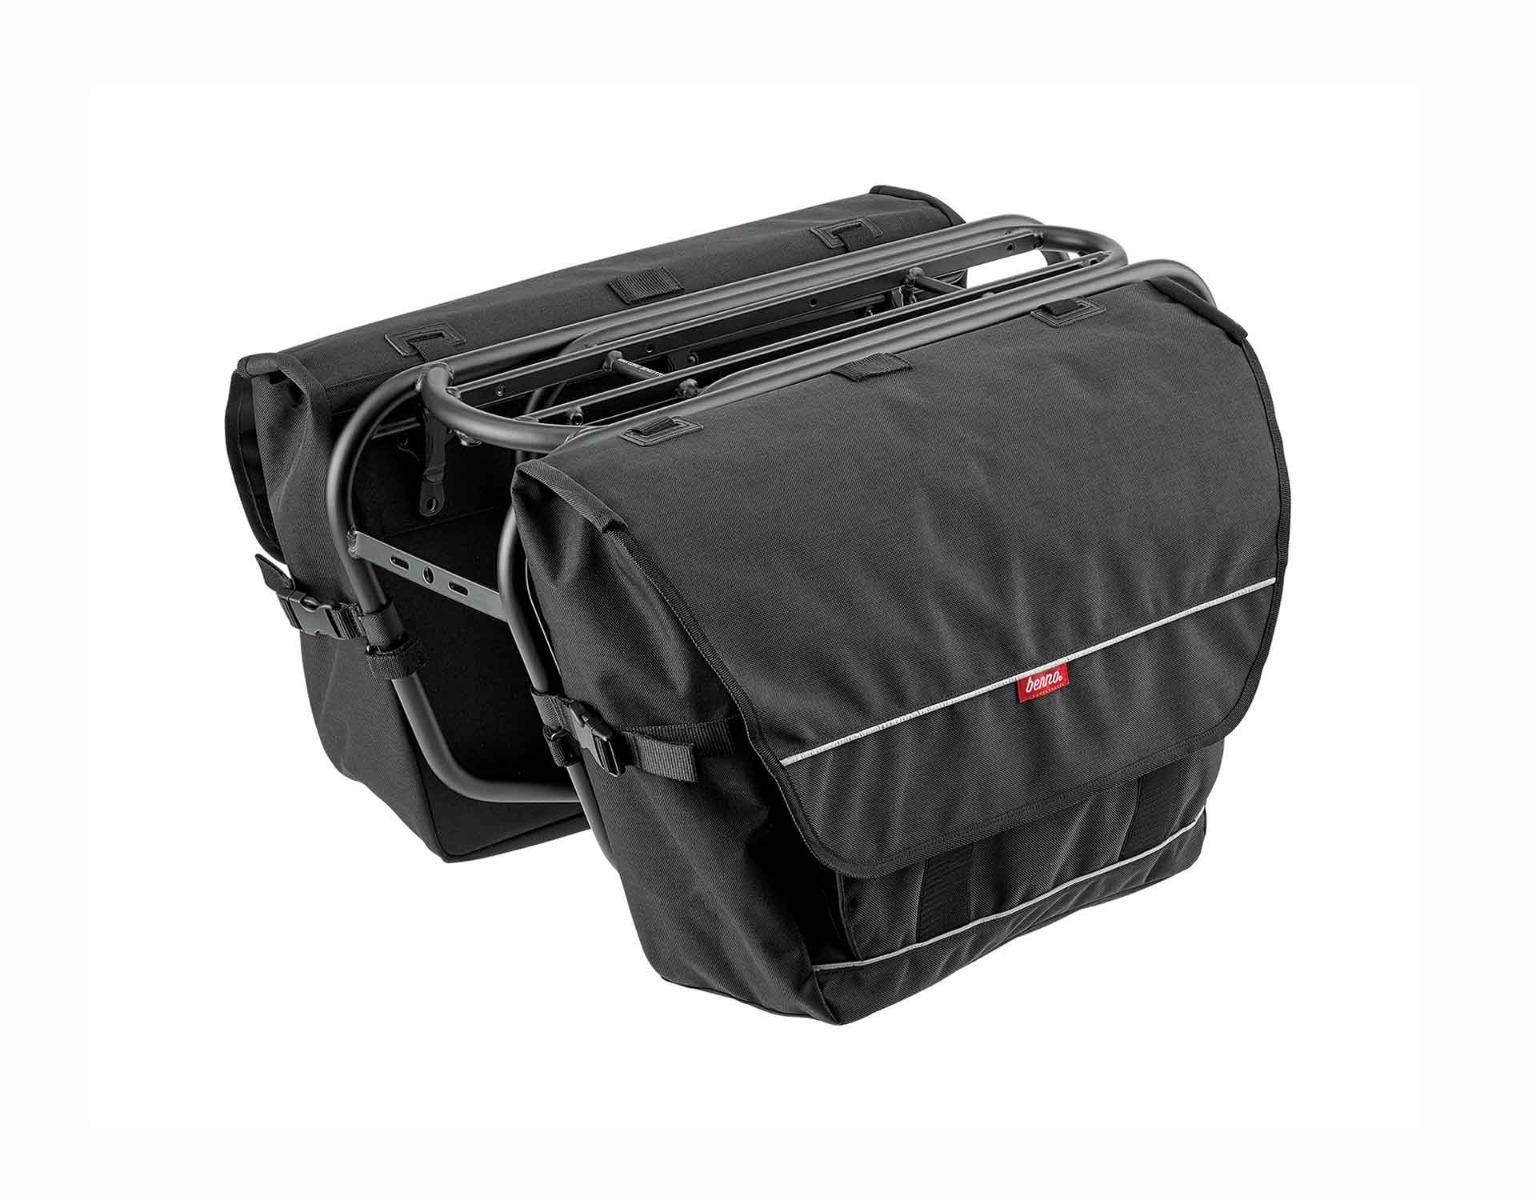 Benno Bikes Utility sidetaske | taske til bagagebærer